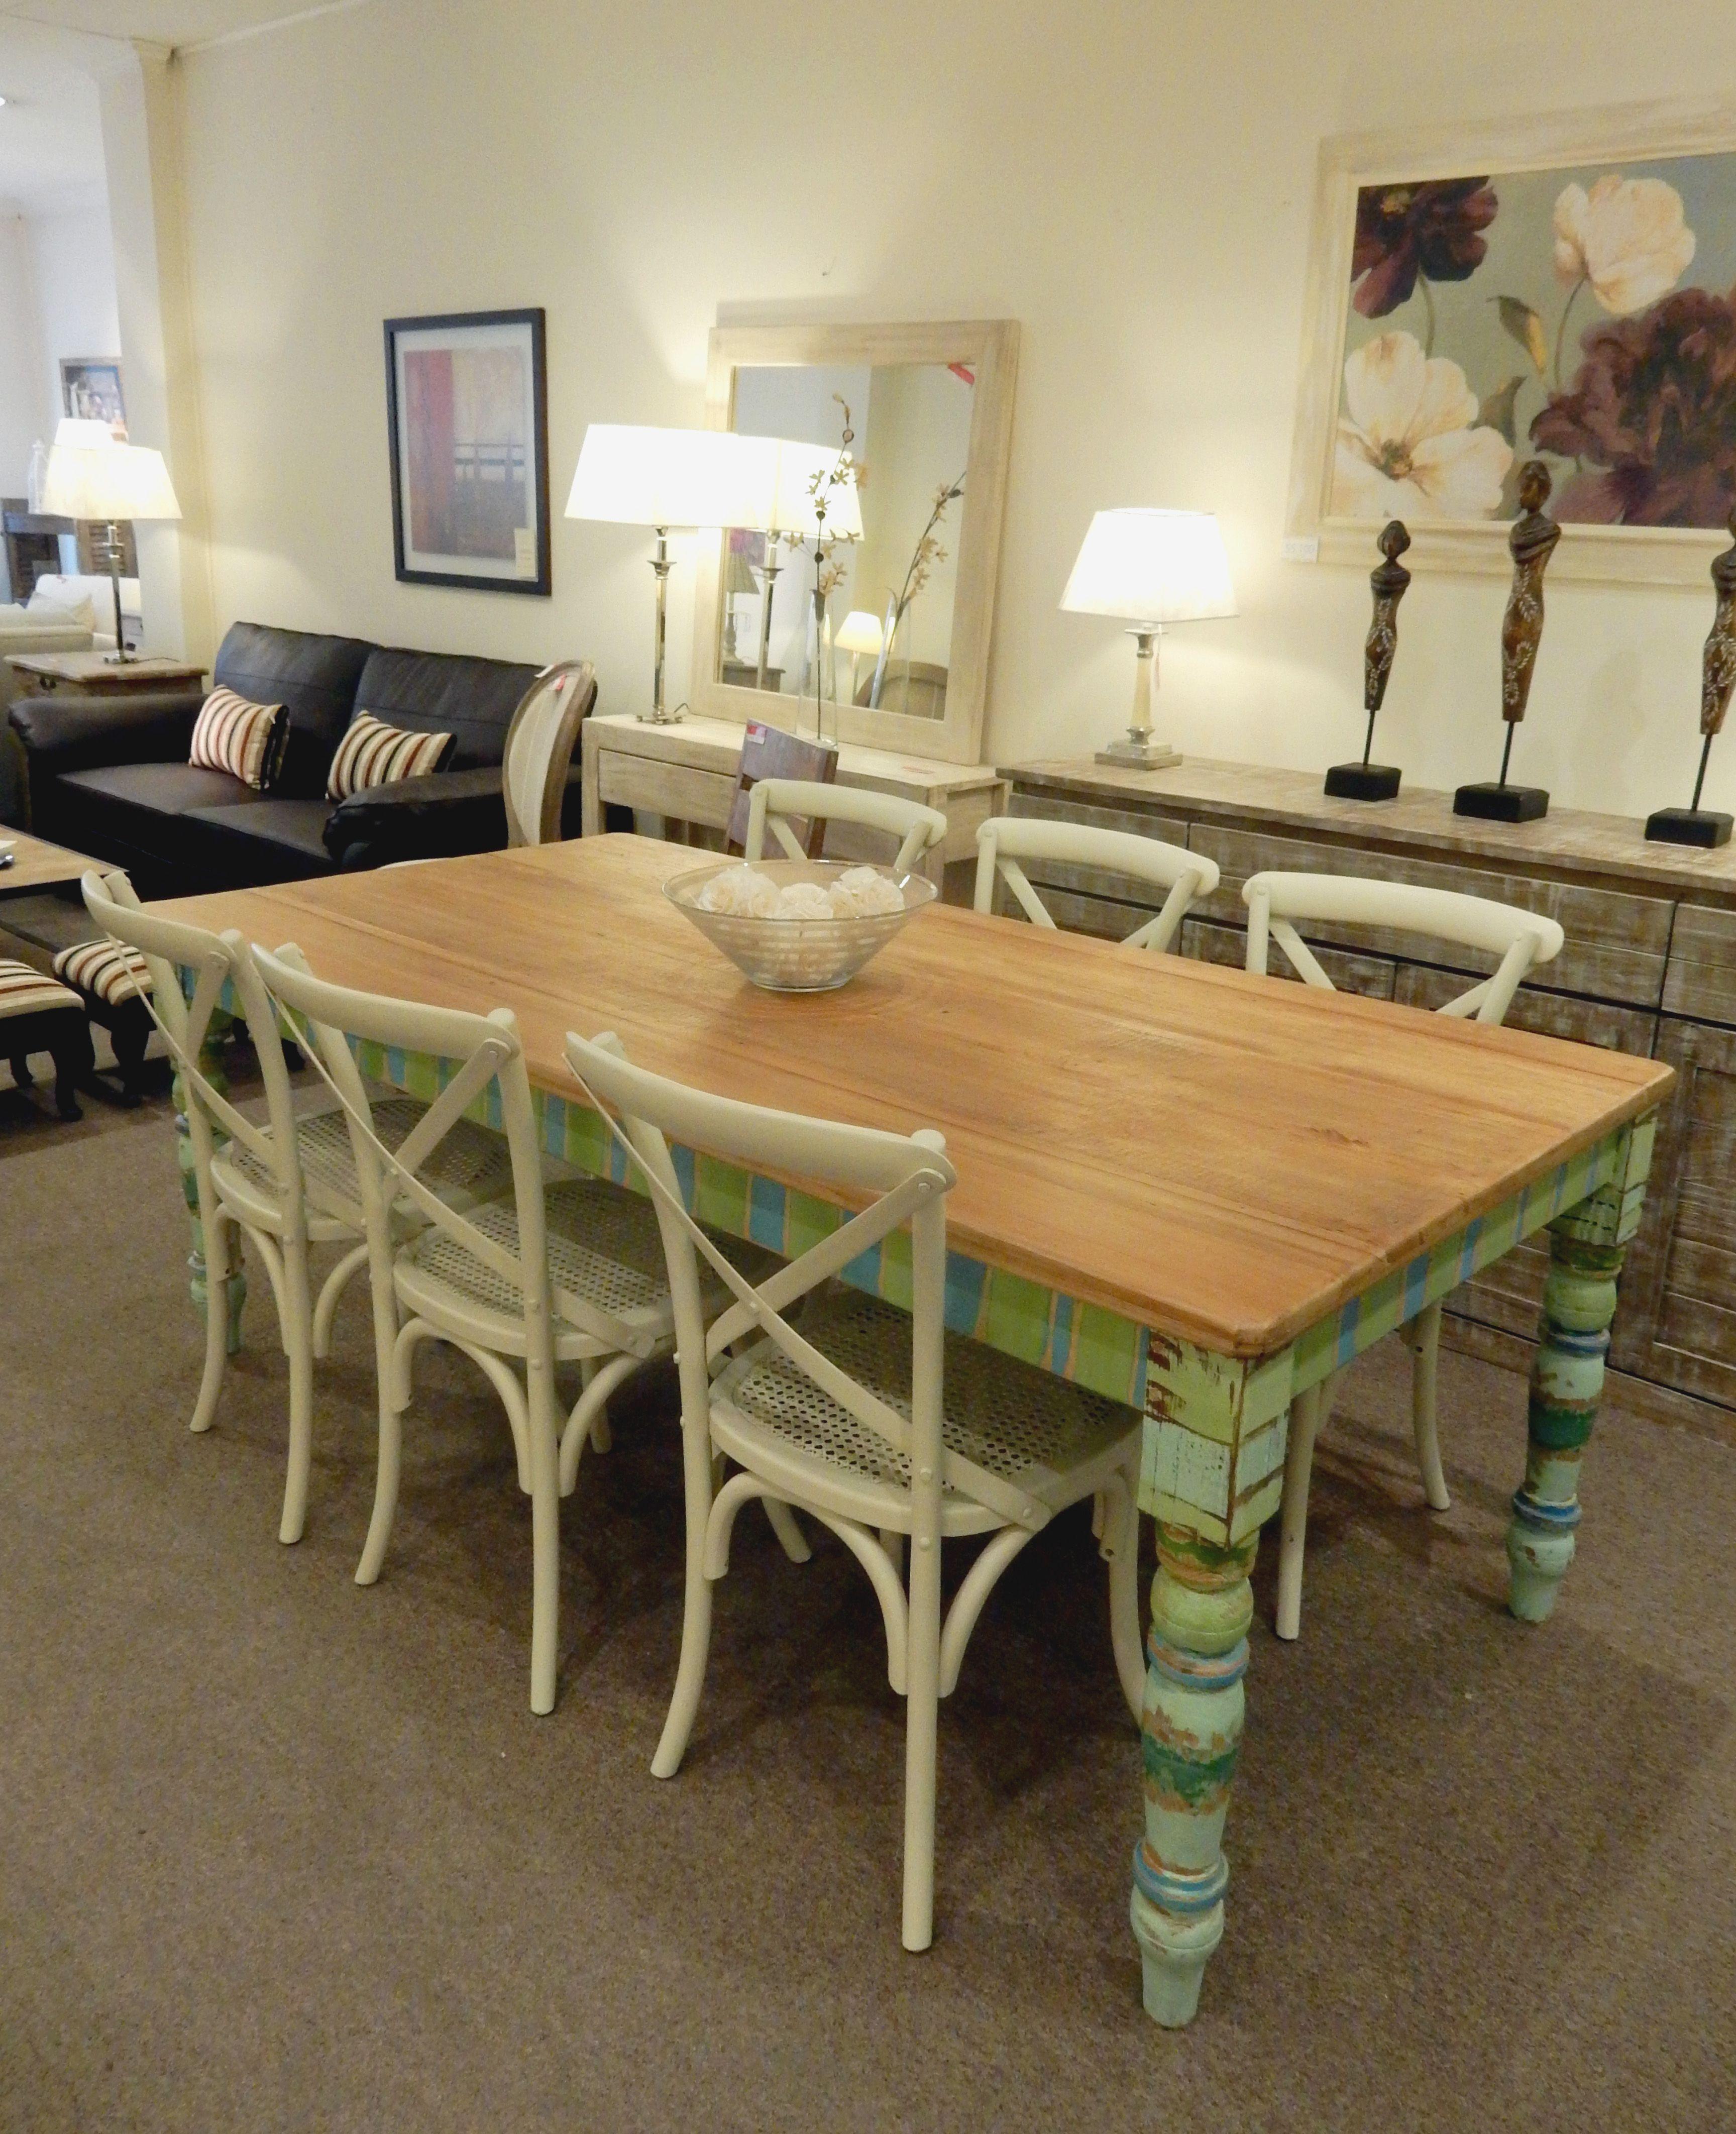 Mesa de comedor de estilo shabby chic muebles - Comedores con estilo ...